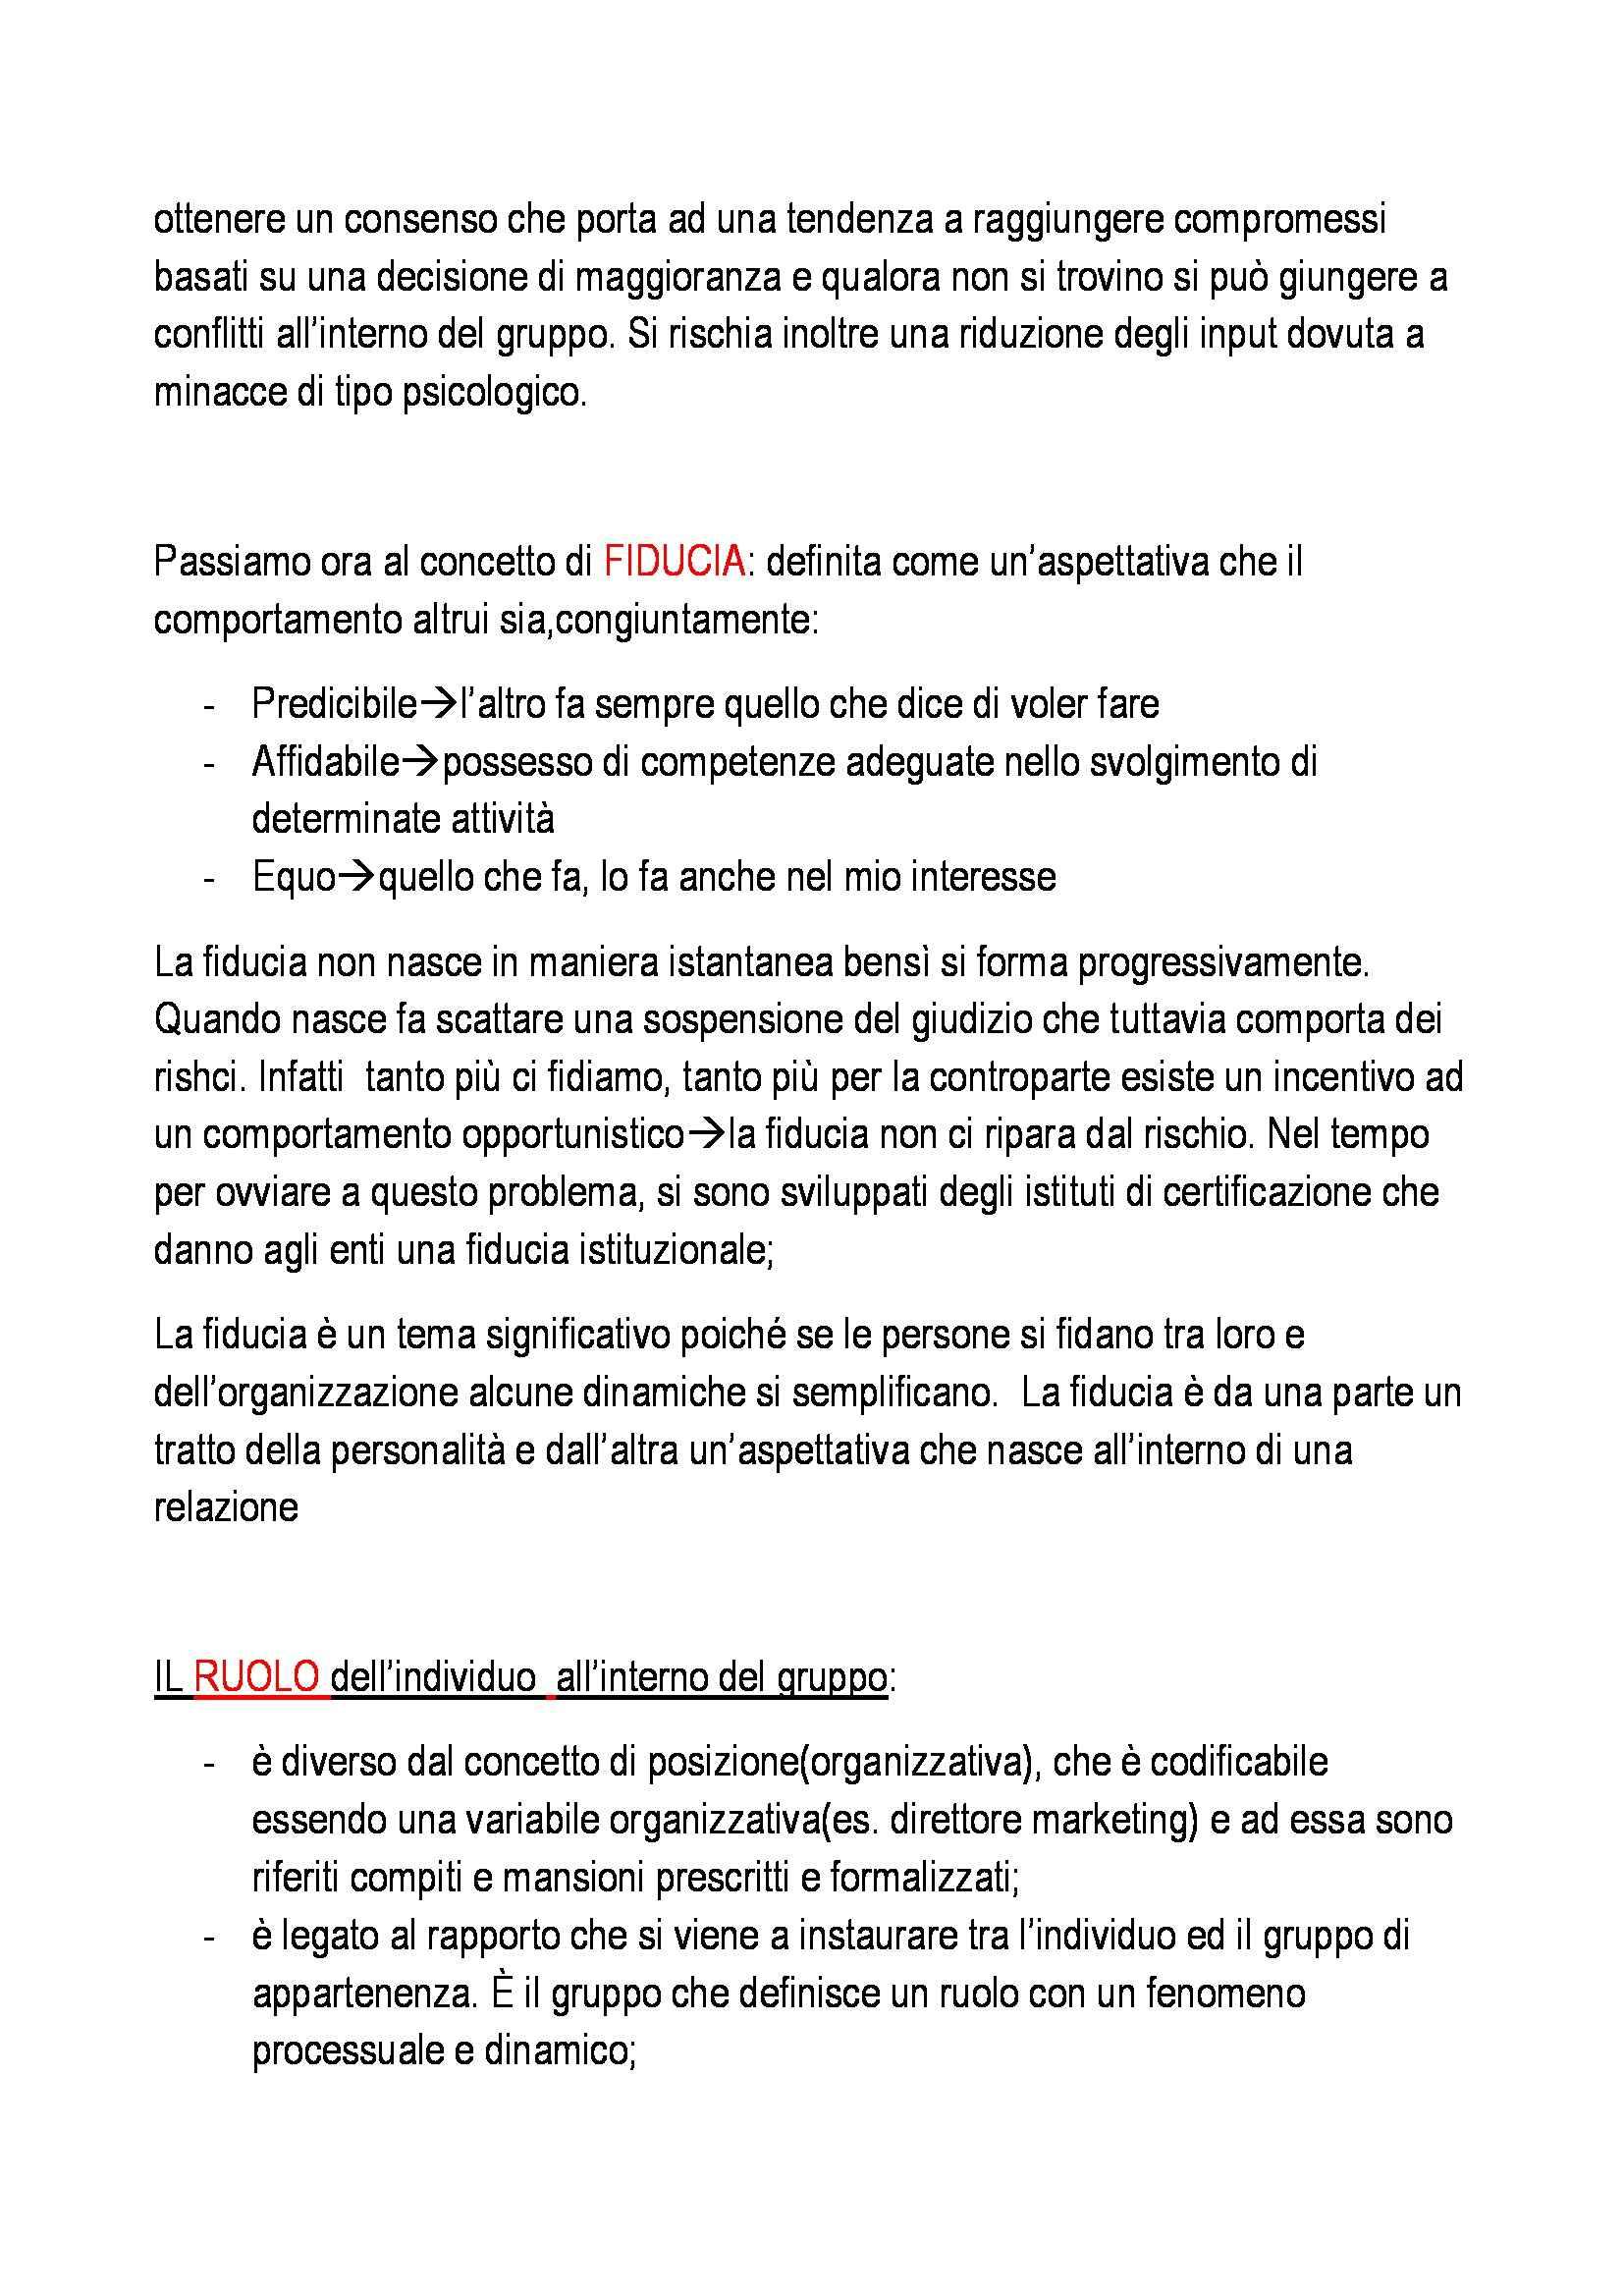 Organizzazione aziendale - Appunti Pag. 31